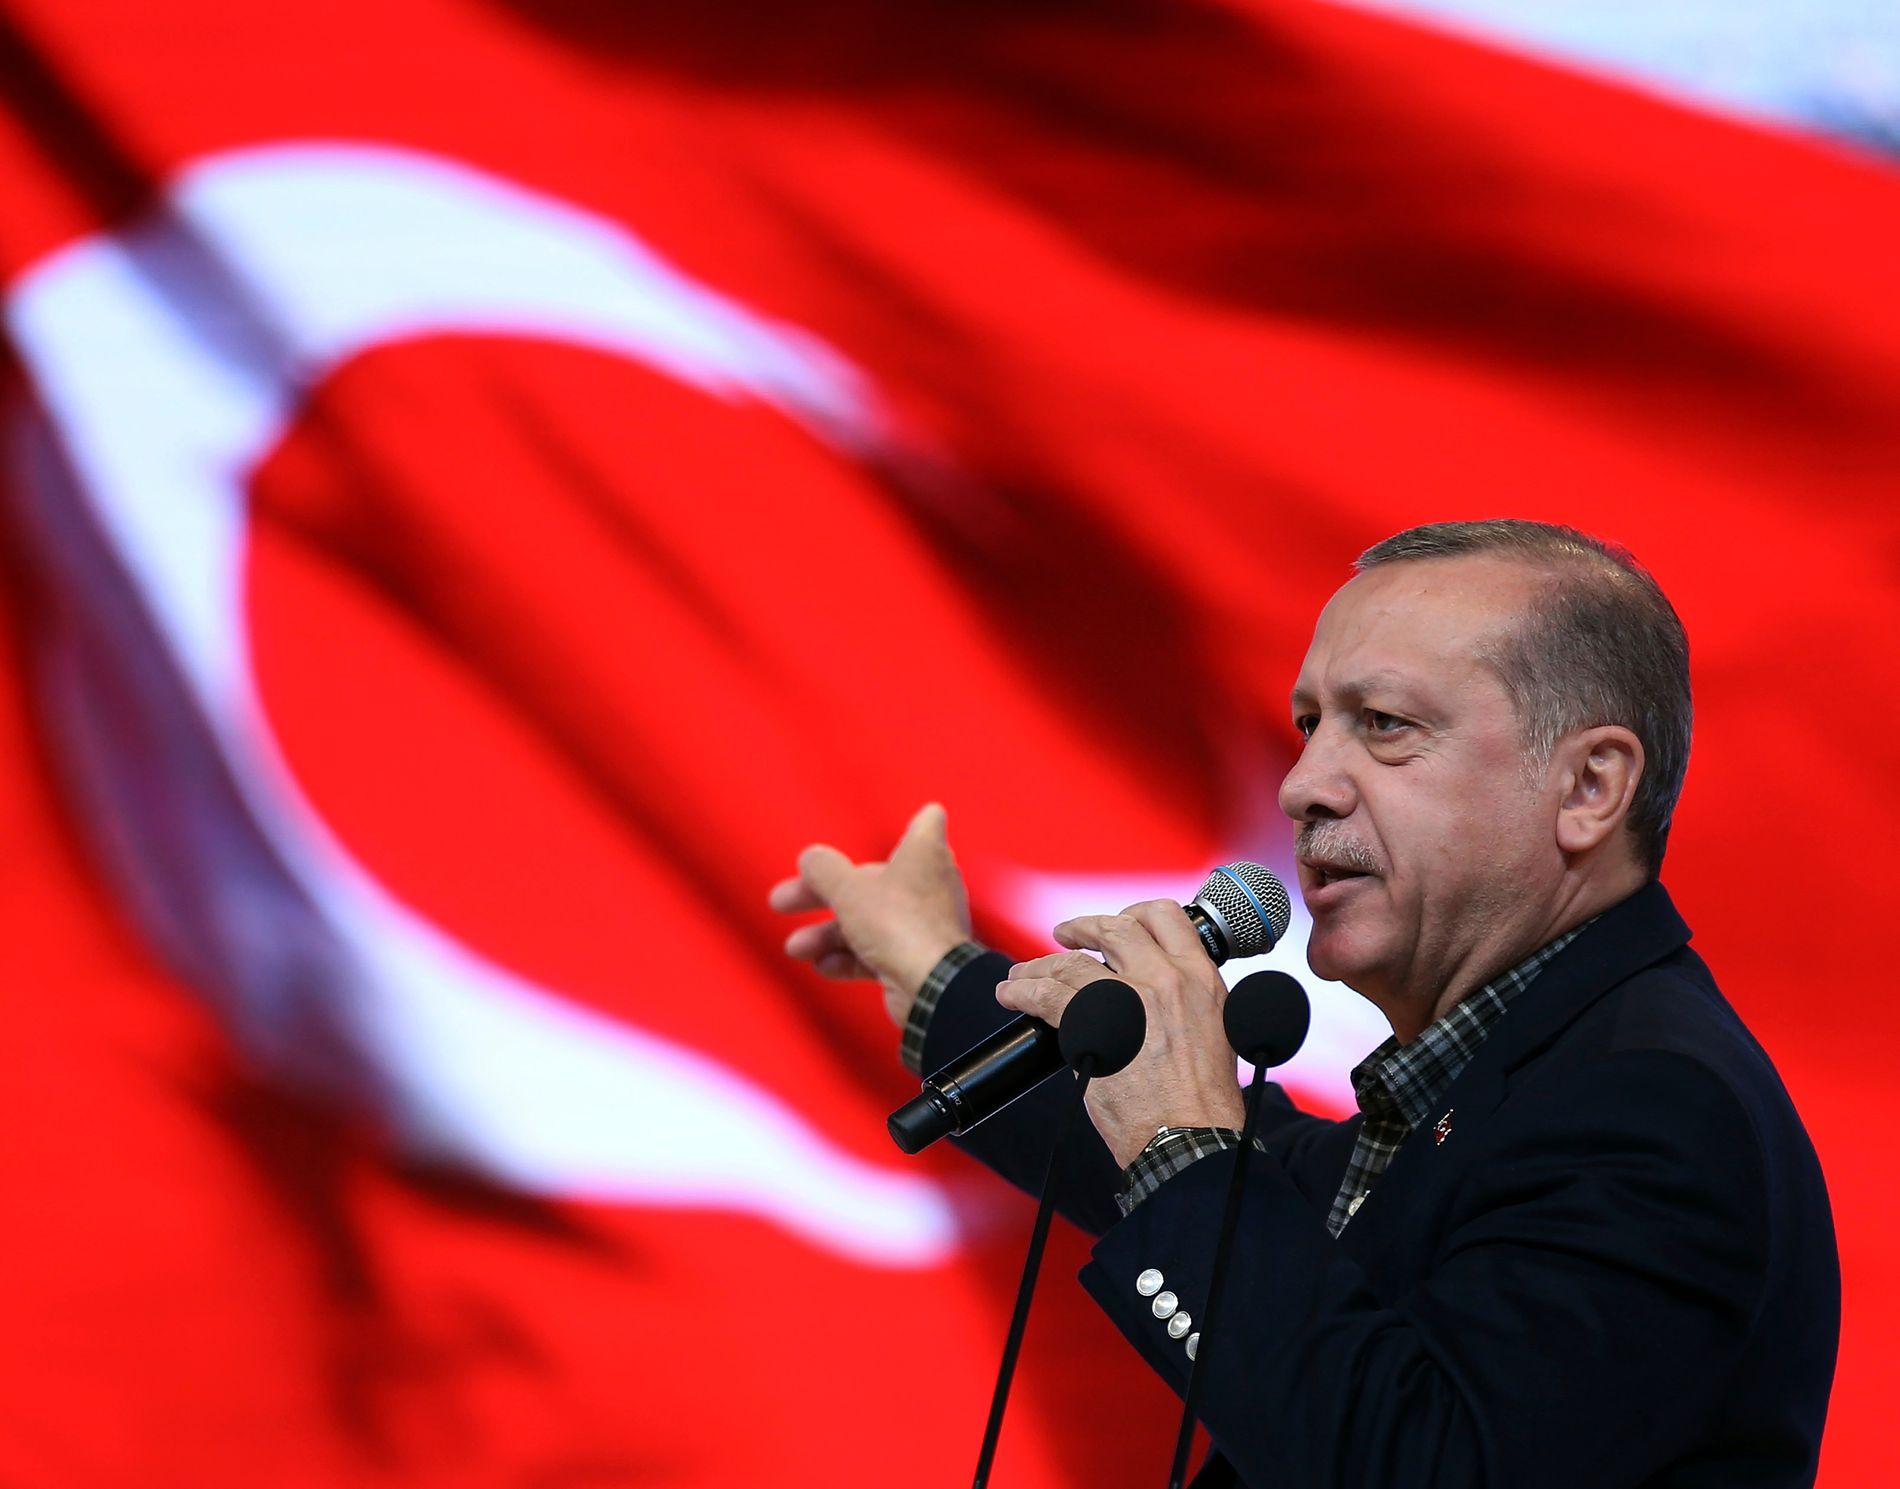 Tyrkias president Recep Tayyip Erdogan lover å svare på det ham kaller Nederlands skamløse behandling av tyrkiske statsråder. Foto: AP / NTB scanpix